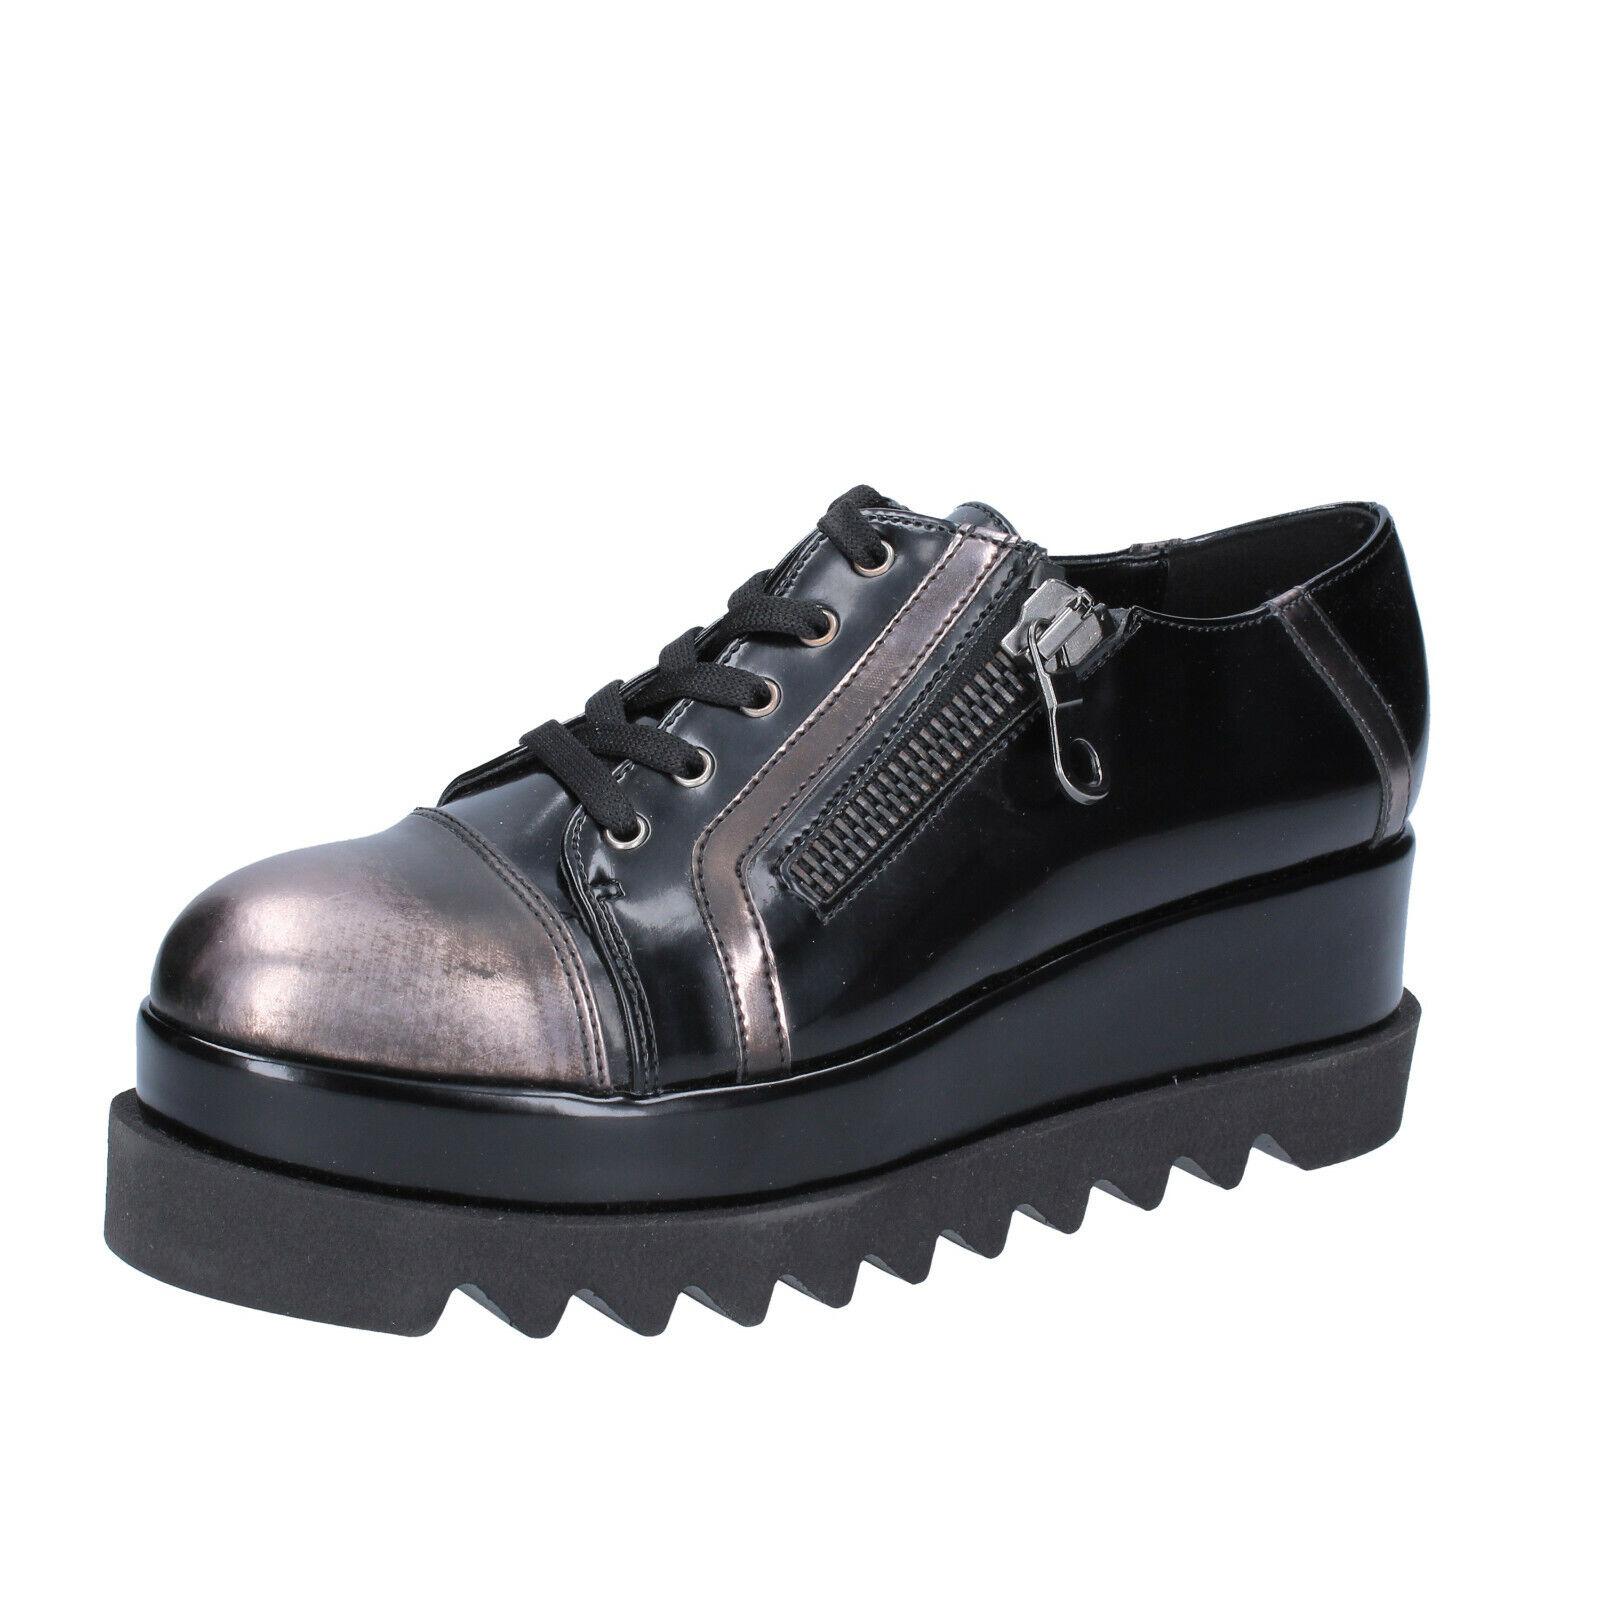 Women's shoes BOTTEGA LOTTI 8 (EU 38) elegant black leather BS980-38